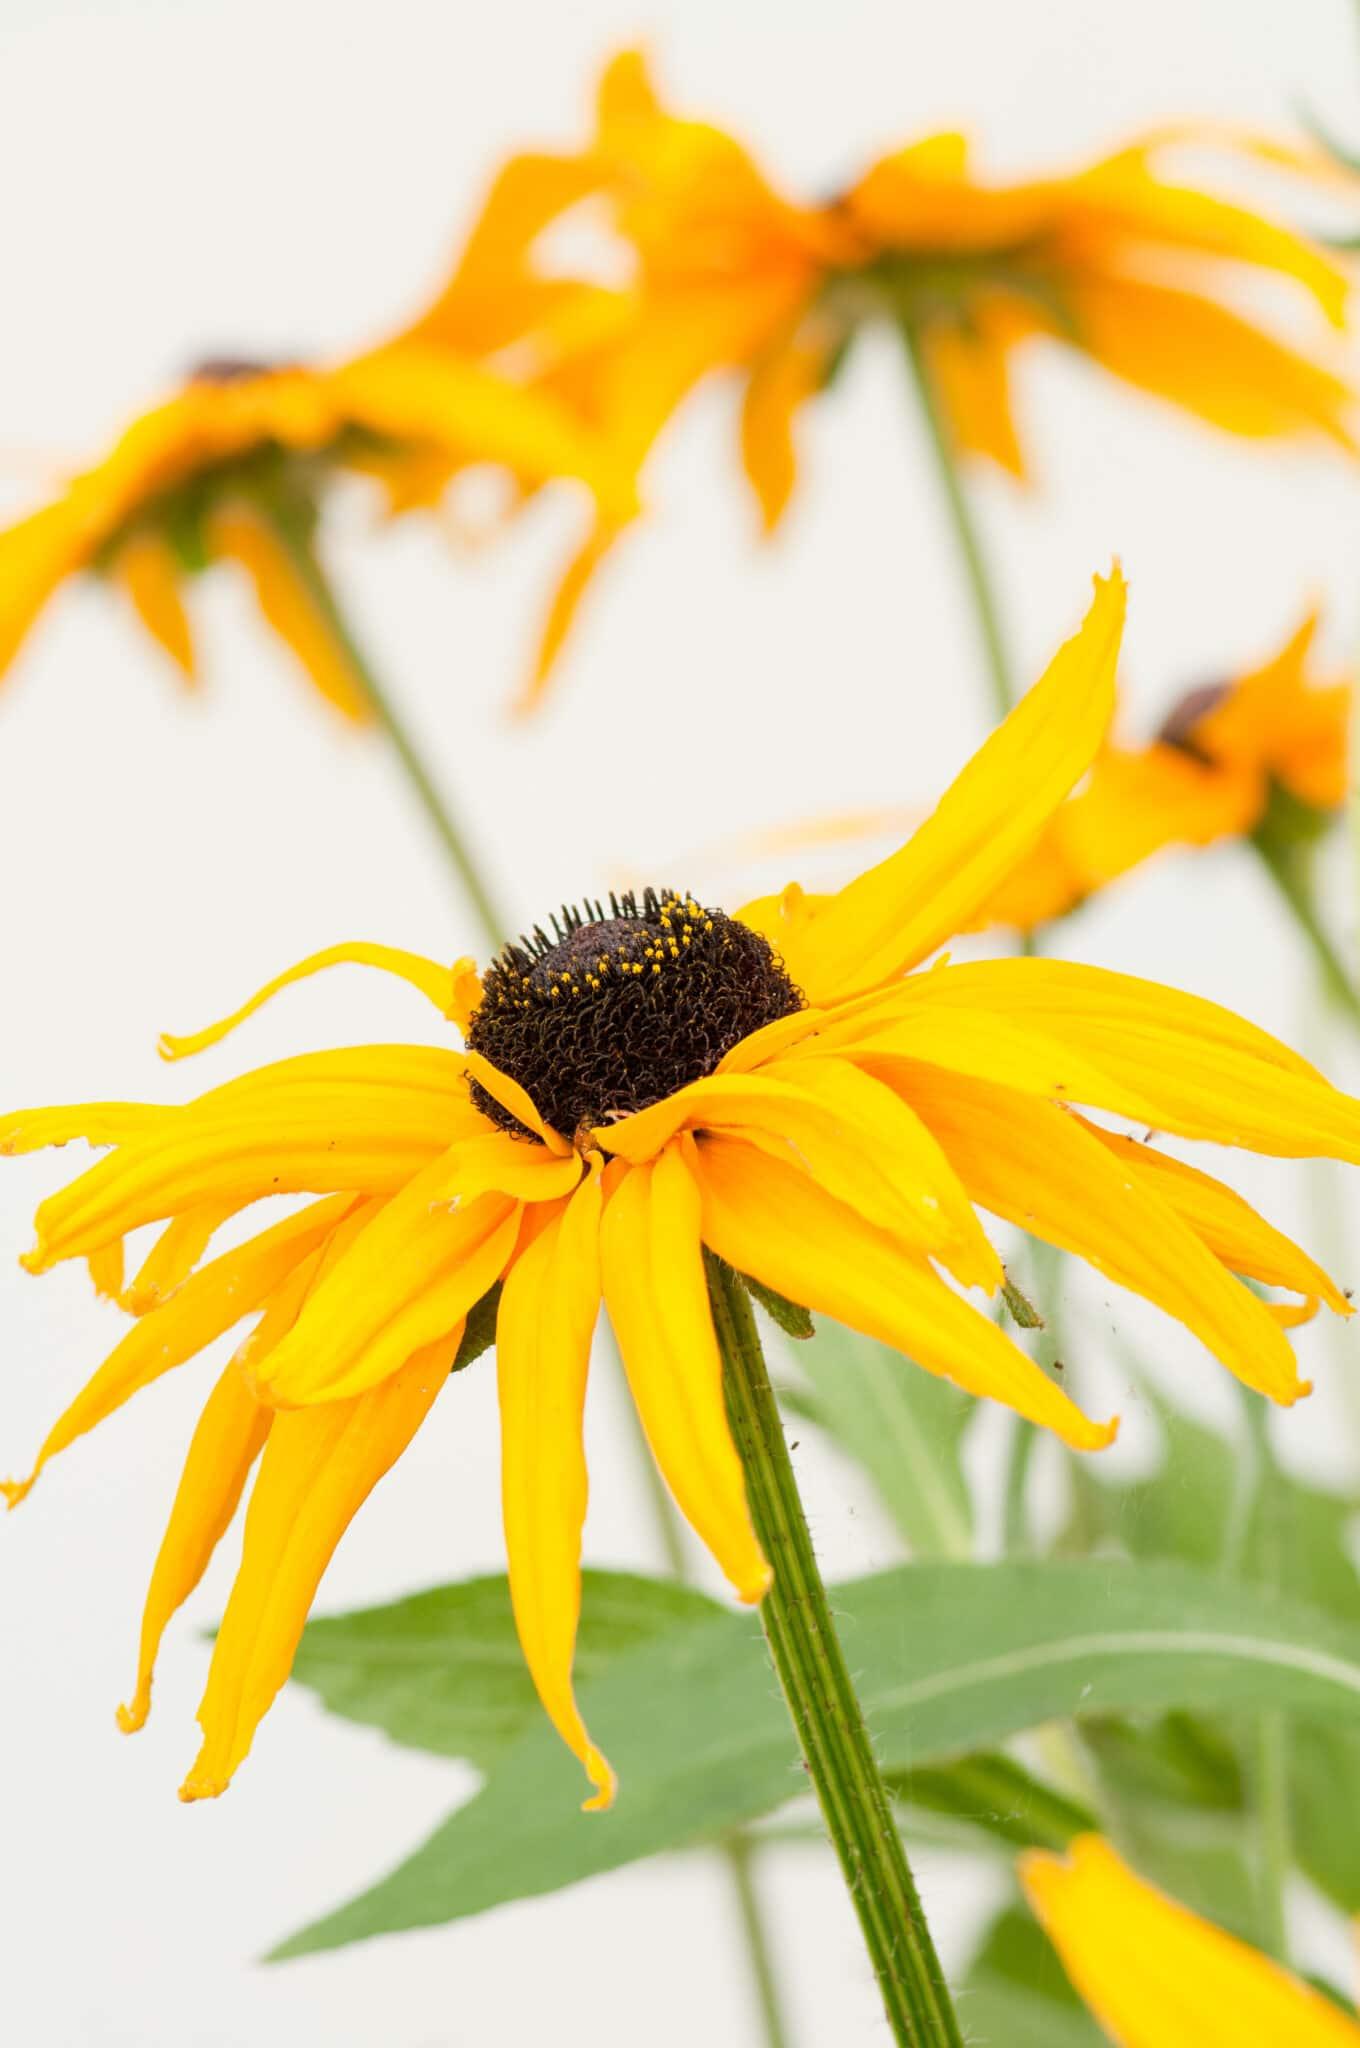 Nahaufnahme einer schwarzäugigen Susan-Blume in der Blüte